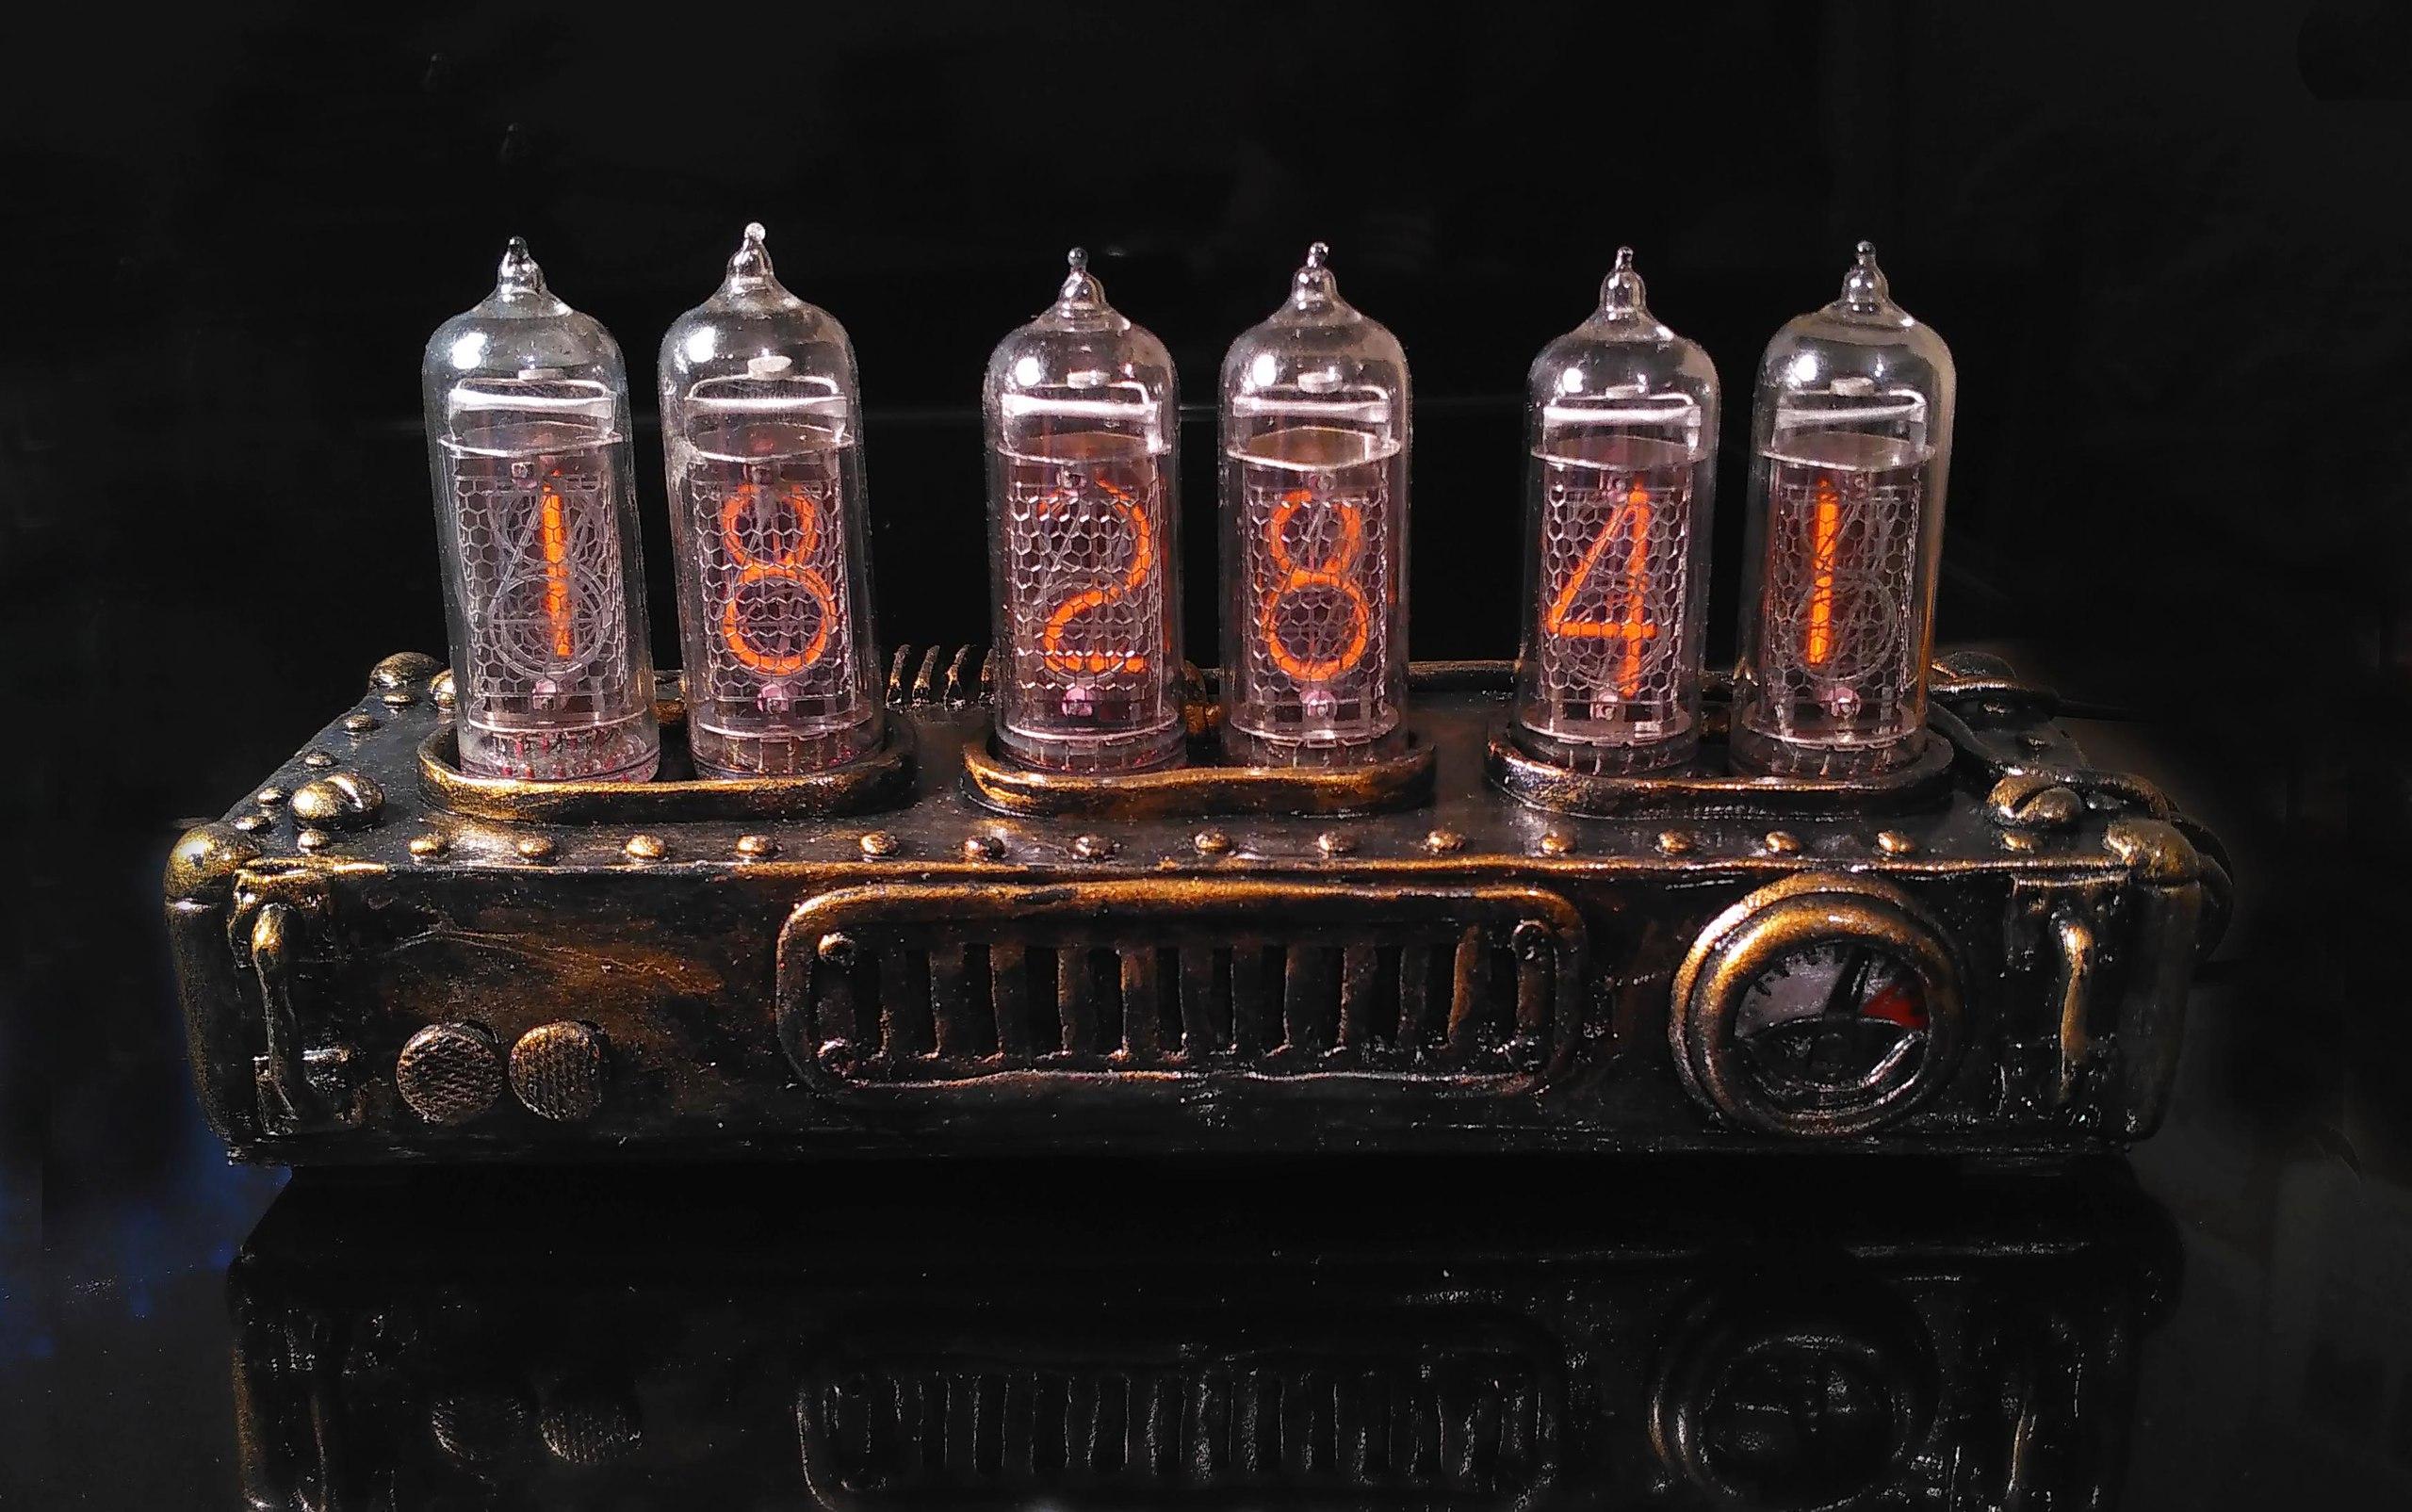 Подробнее следующая самоделка как сделать светодиодные часы на базе конструктора с51 с алиэкспресс.